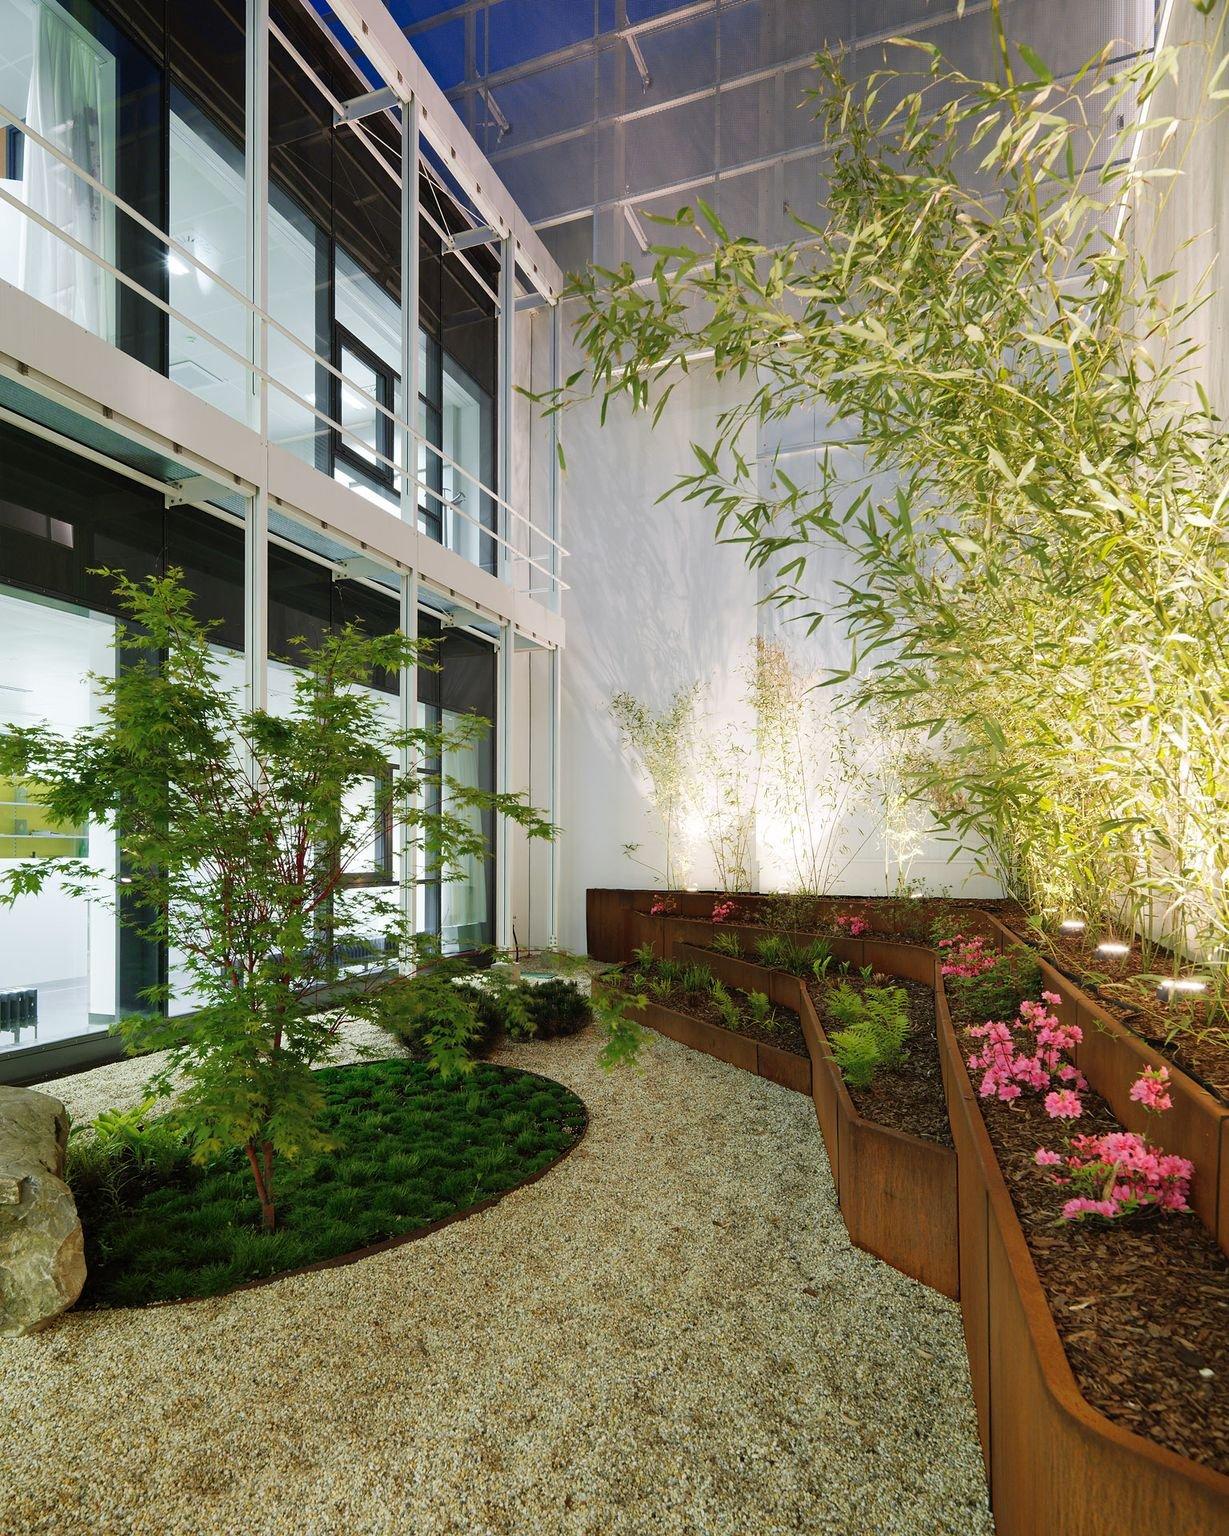 Inner Courtyard Ernst Giselbrecht / Paul Ott